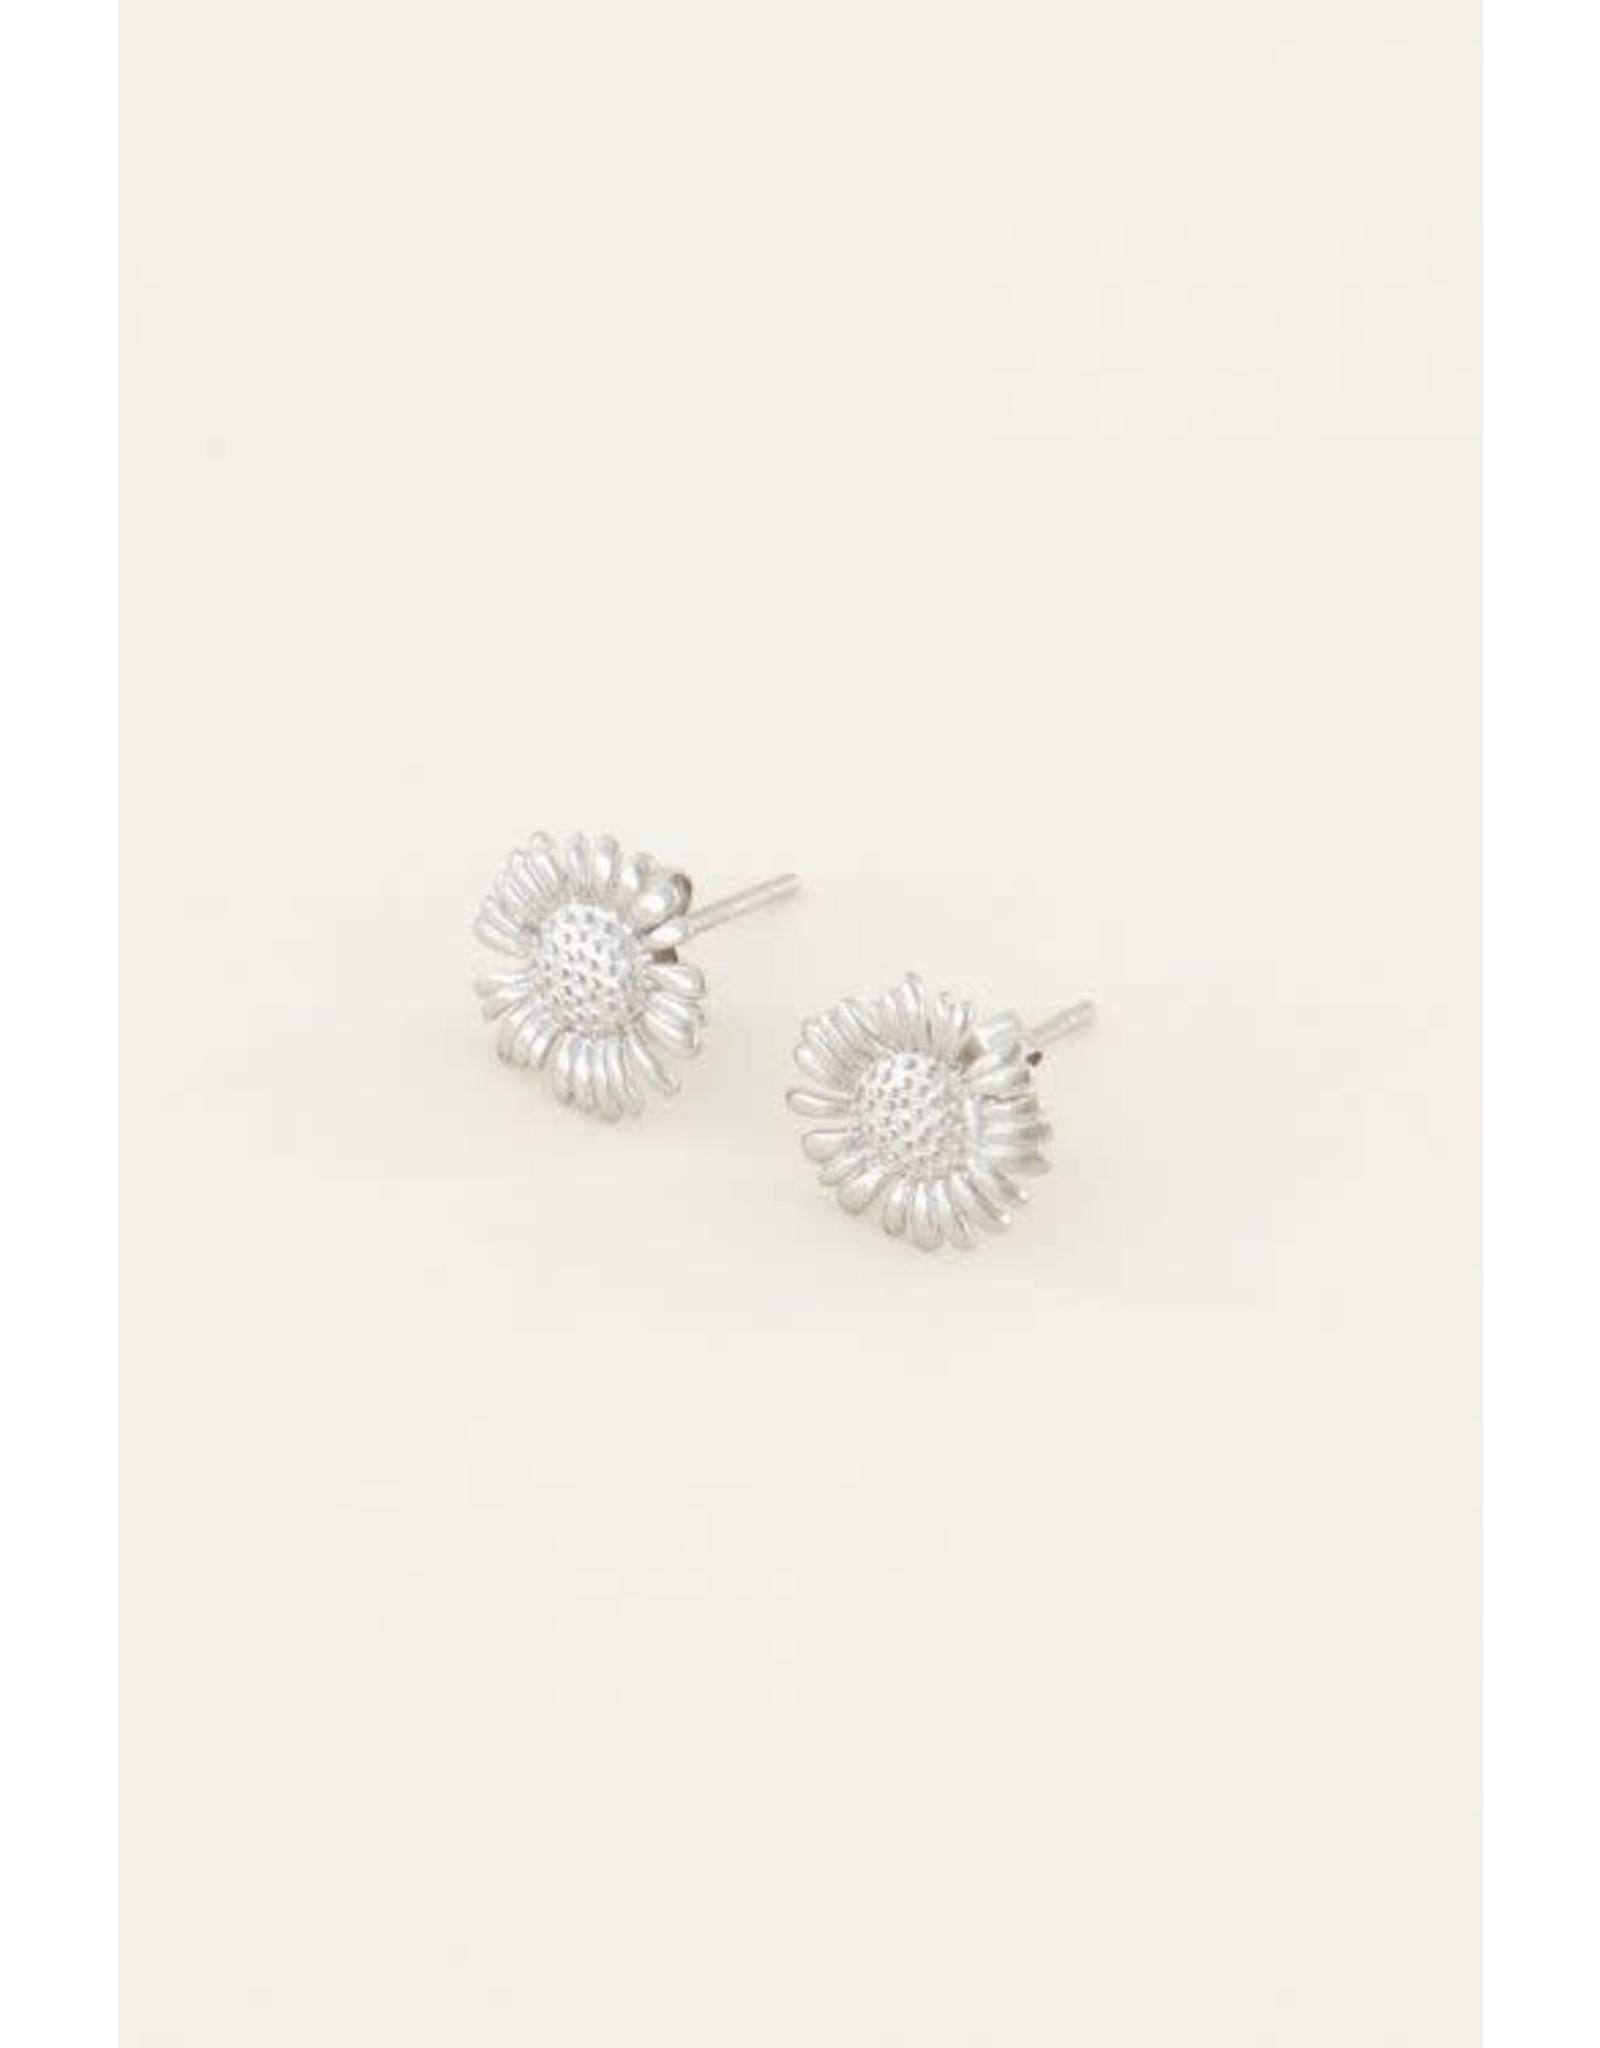 My Jewellery My Jewellery studs daisy